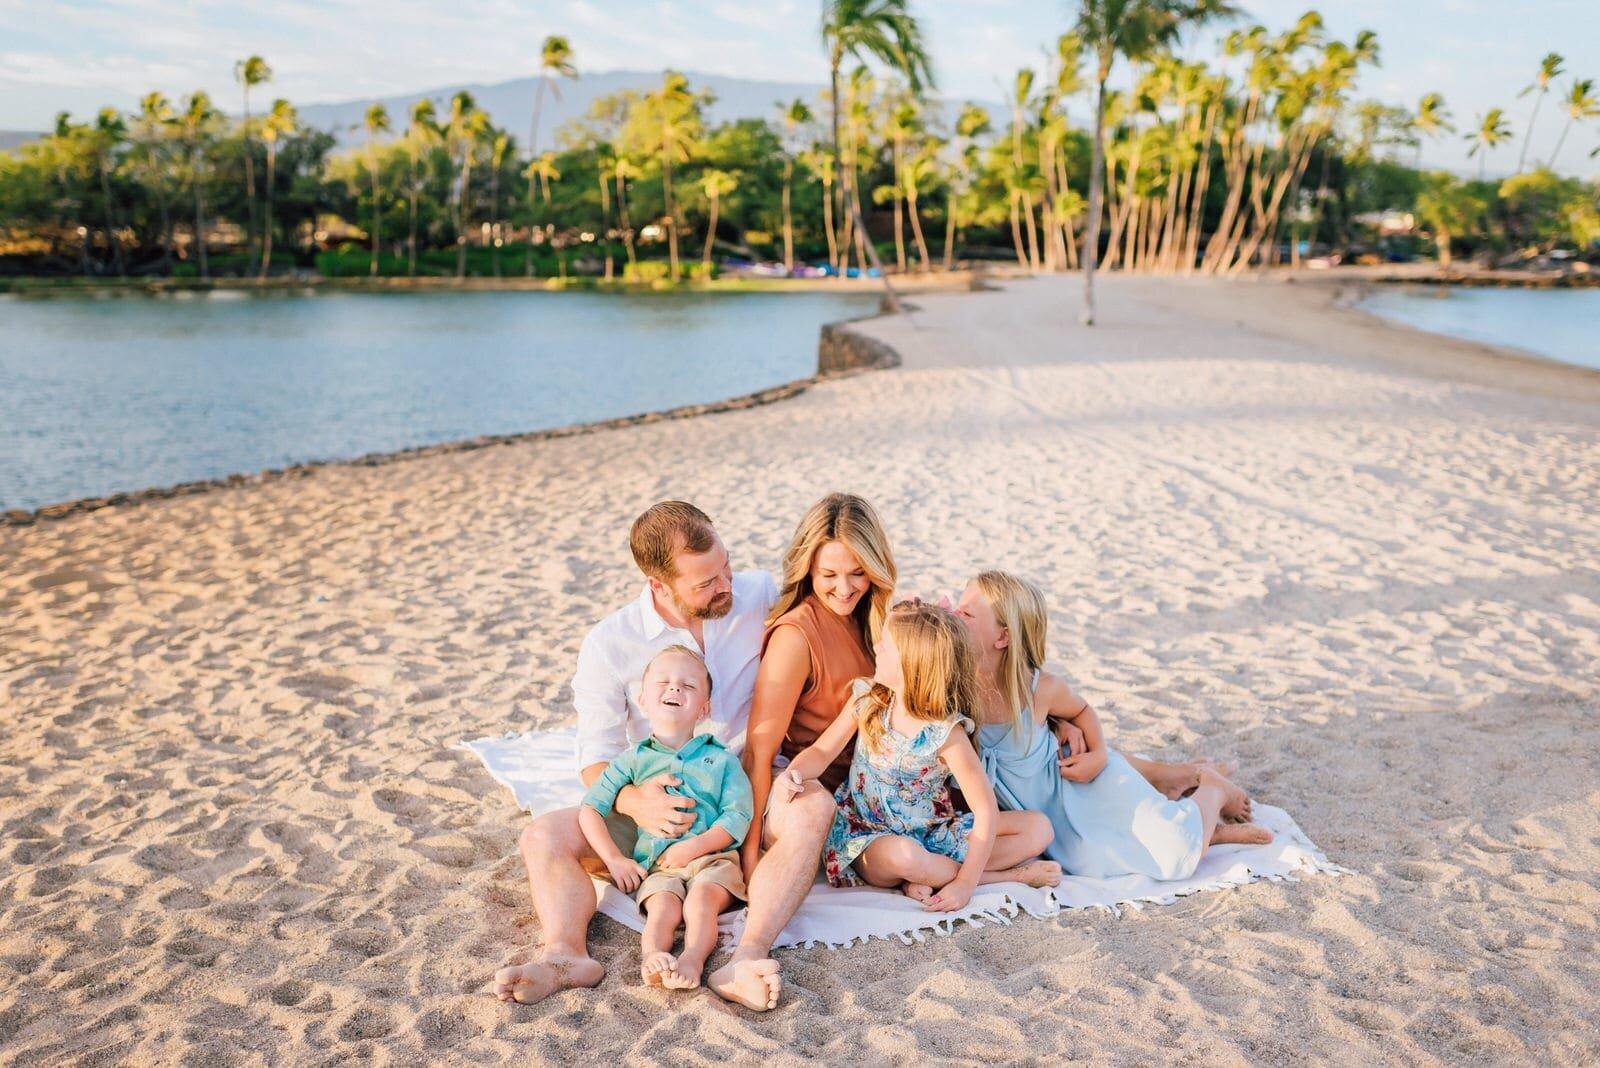 hawaii-family-photos-sunrise-12.jpg